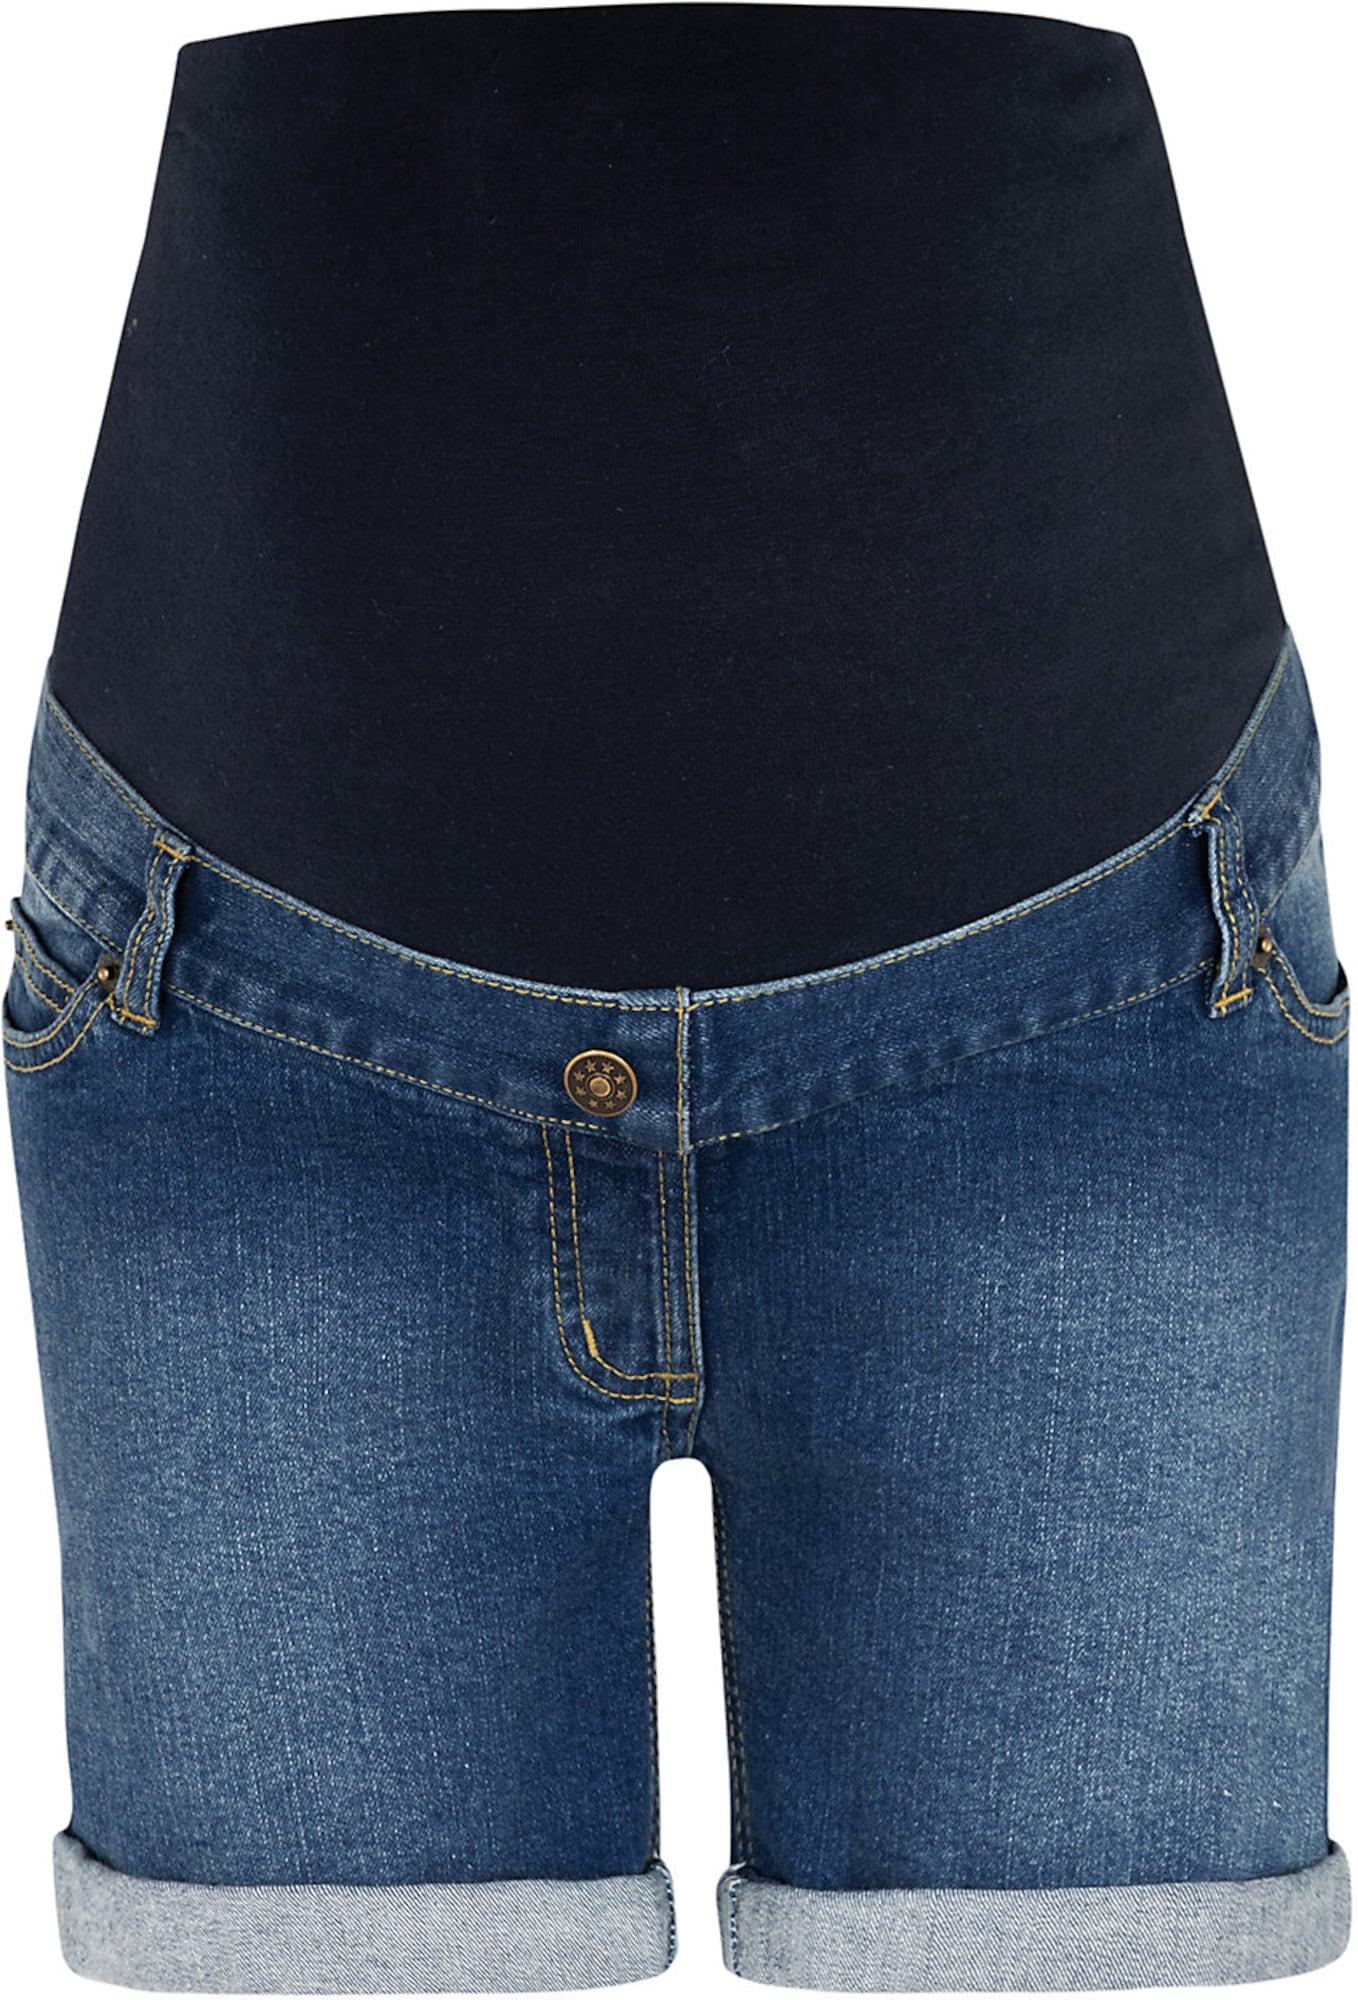 JoJo Maman Bébé Kelnės tamsiai (džinso) mėlyna